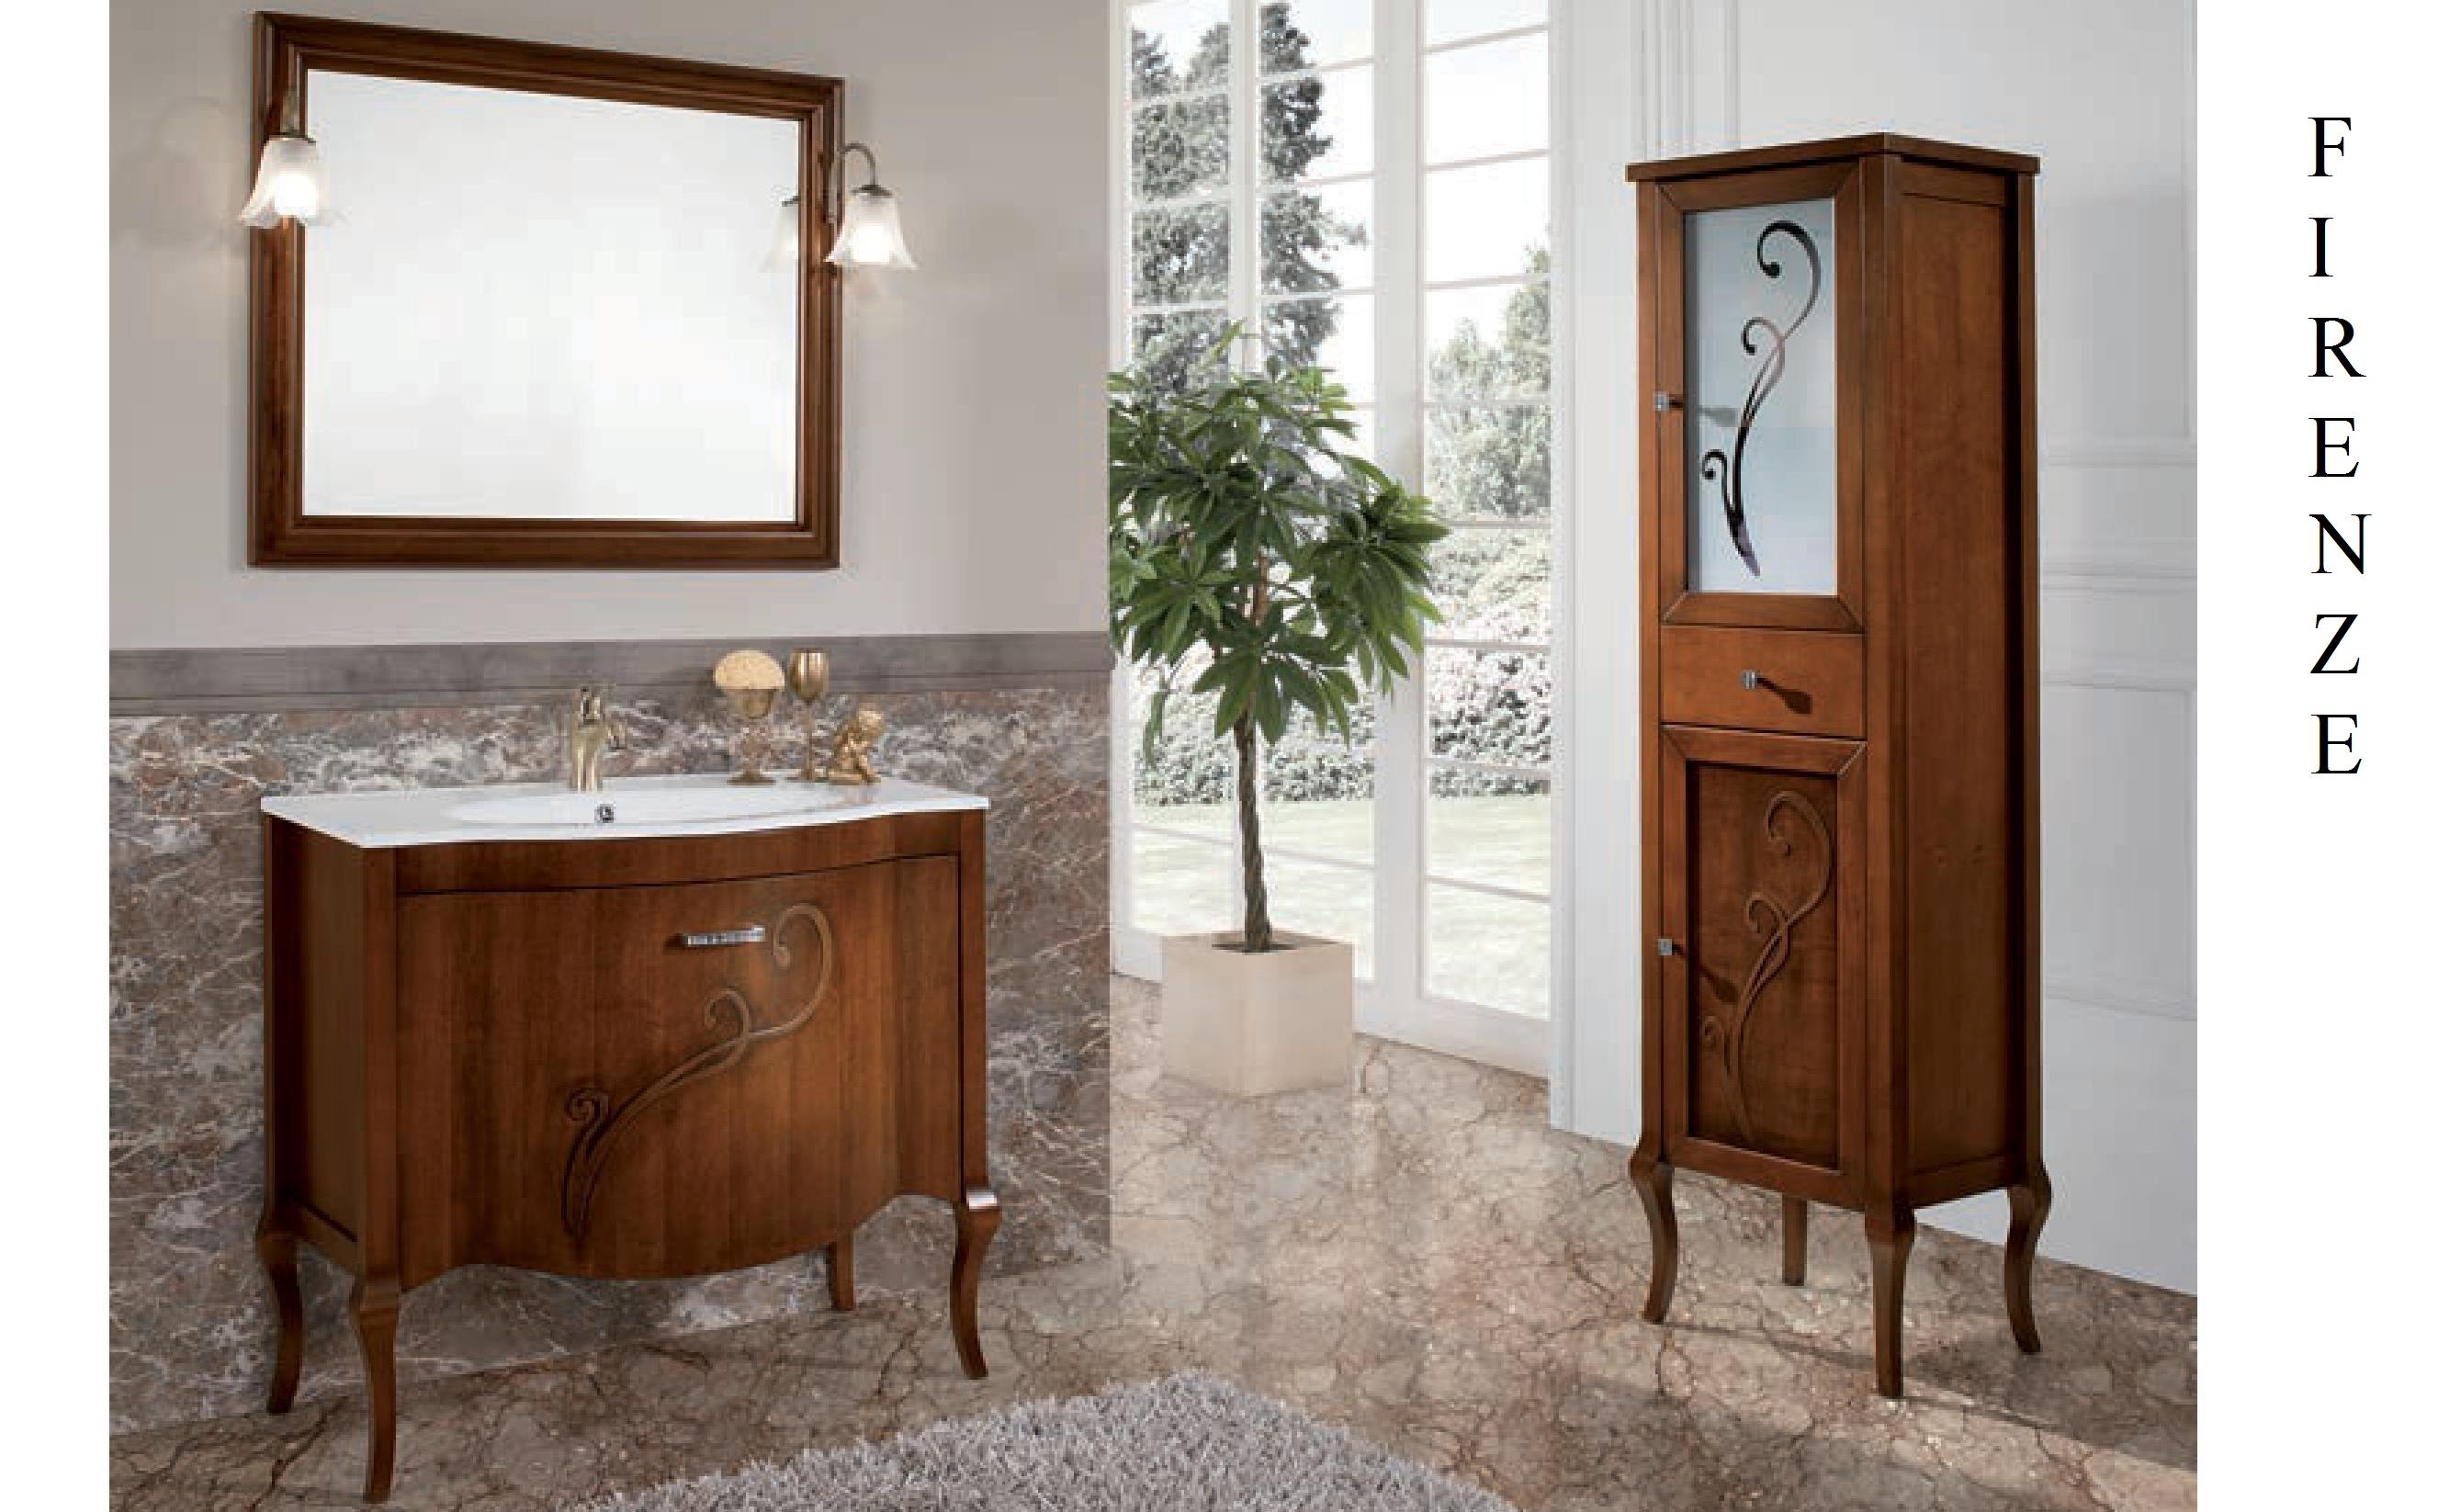 Firenze bagno completo - Mobili classici bagno ...